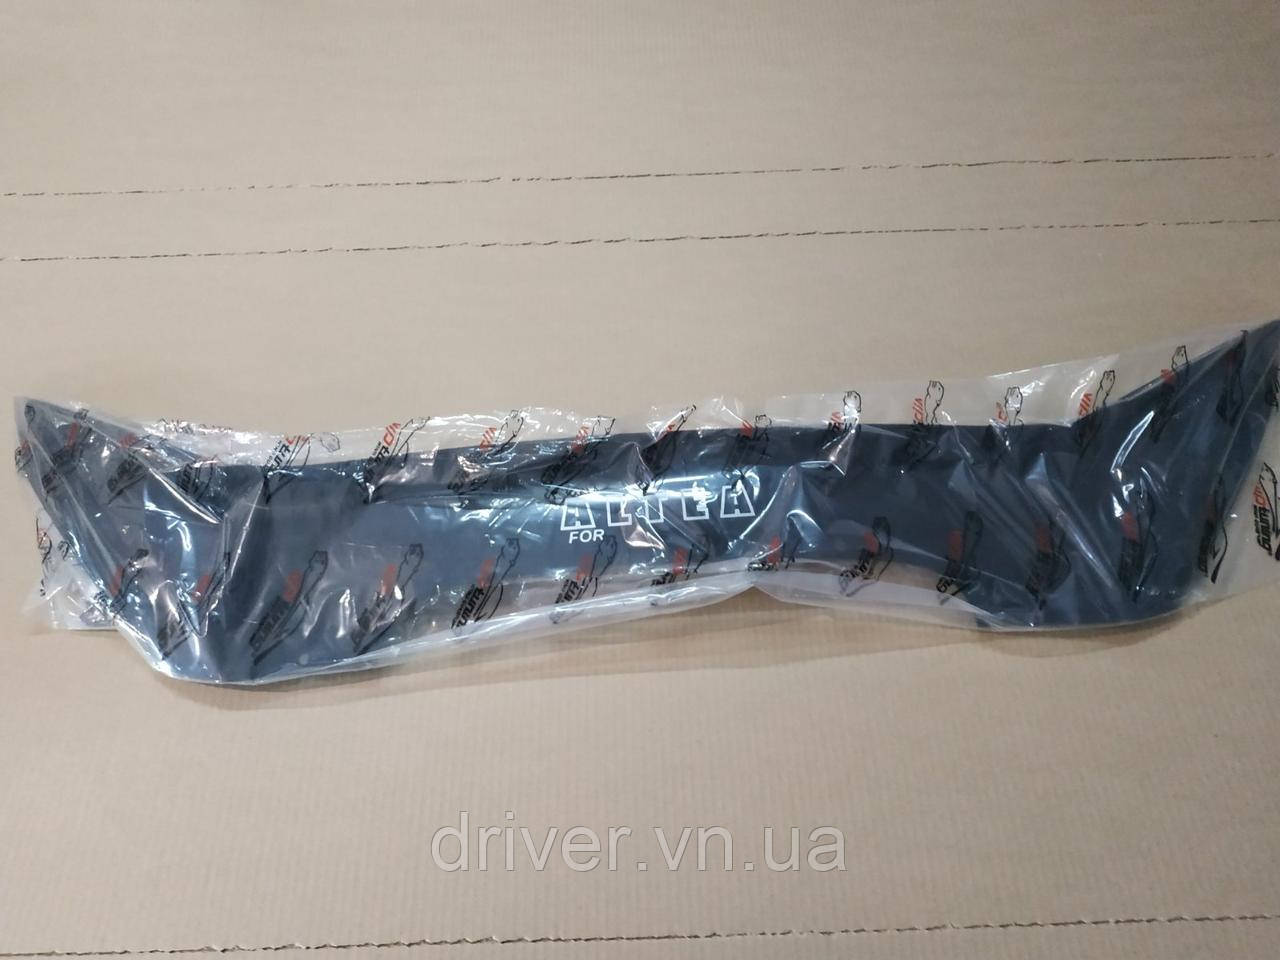 Дефлектор капота (мухобойка) Seat Altea 2004-